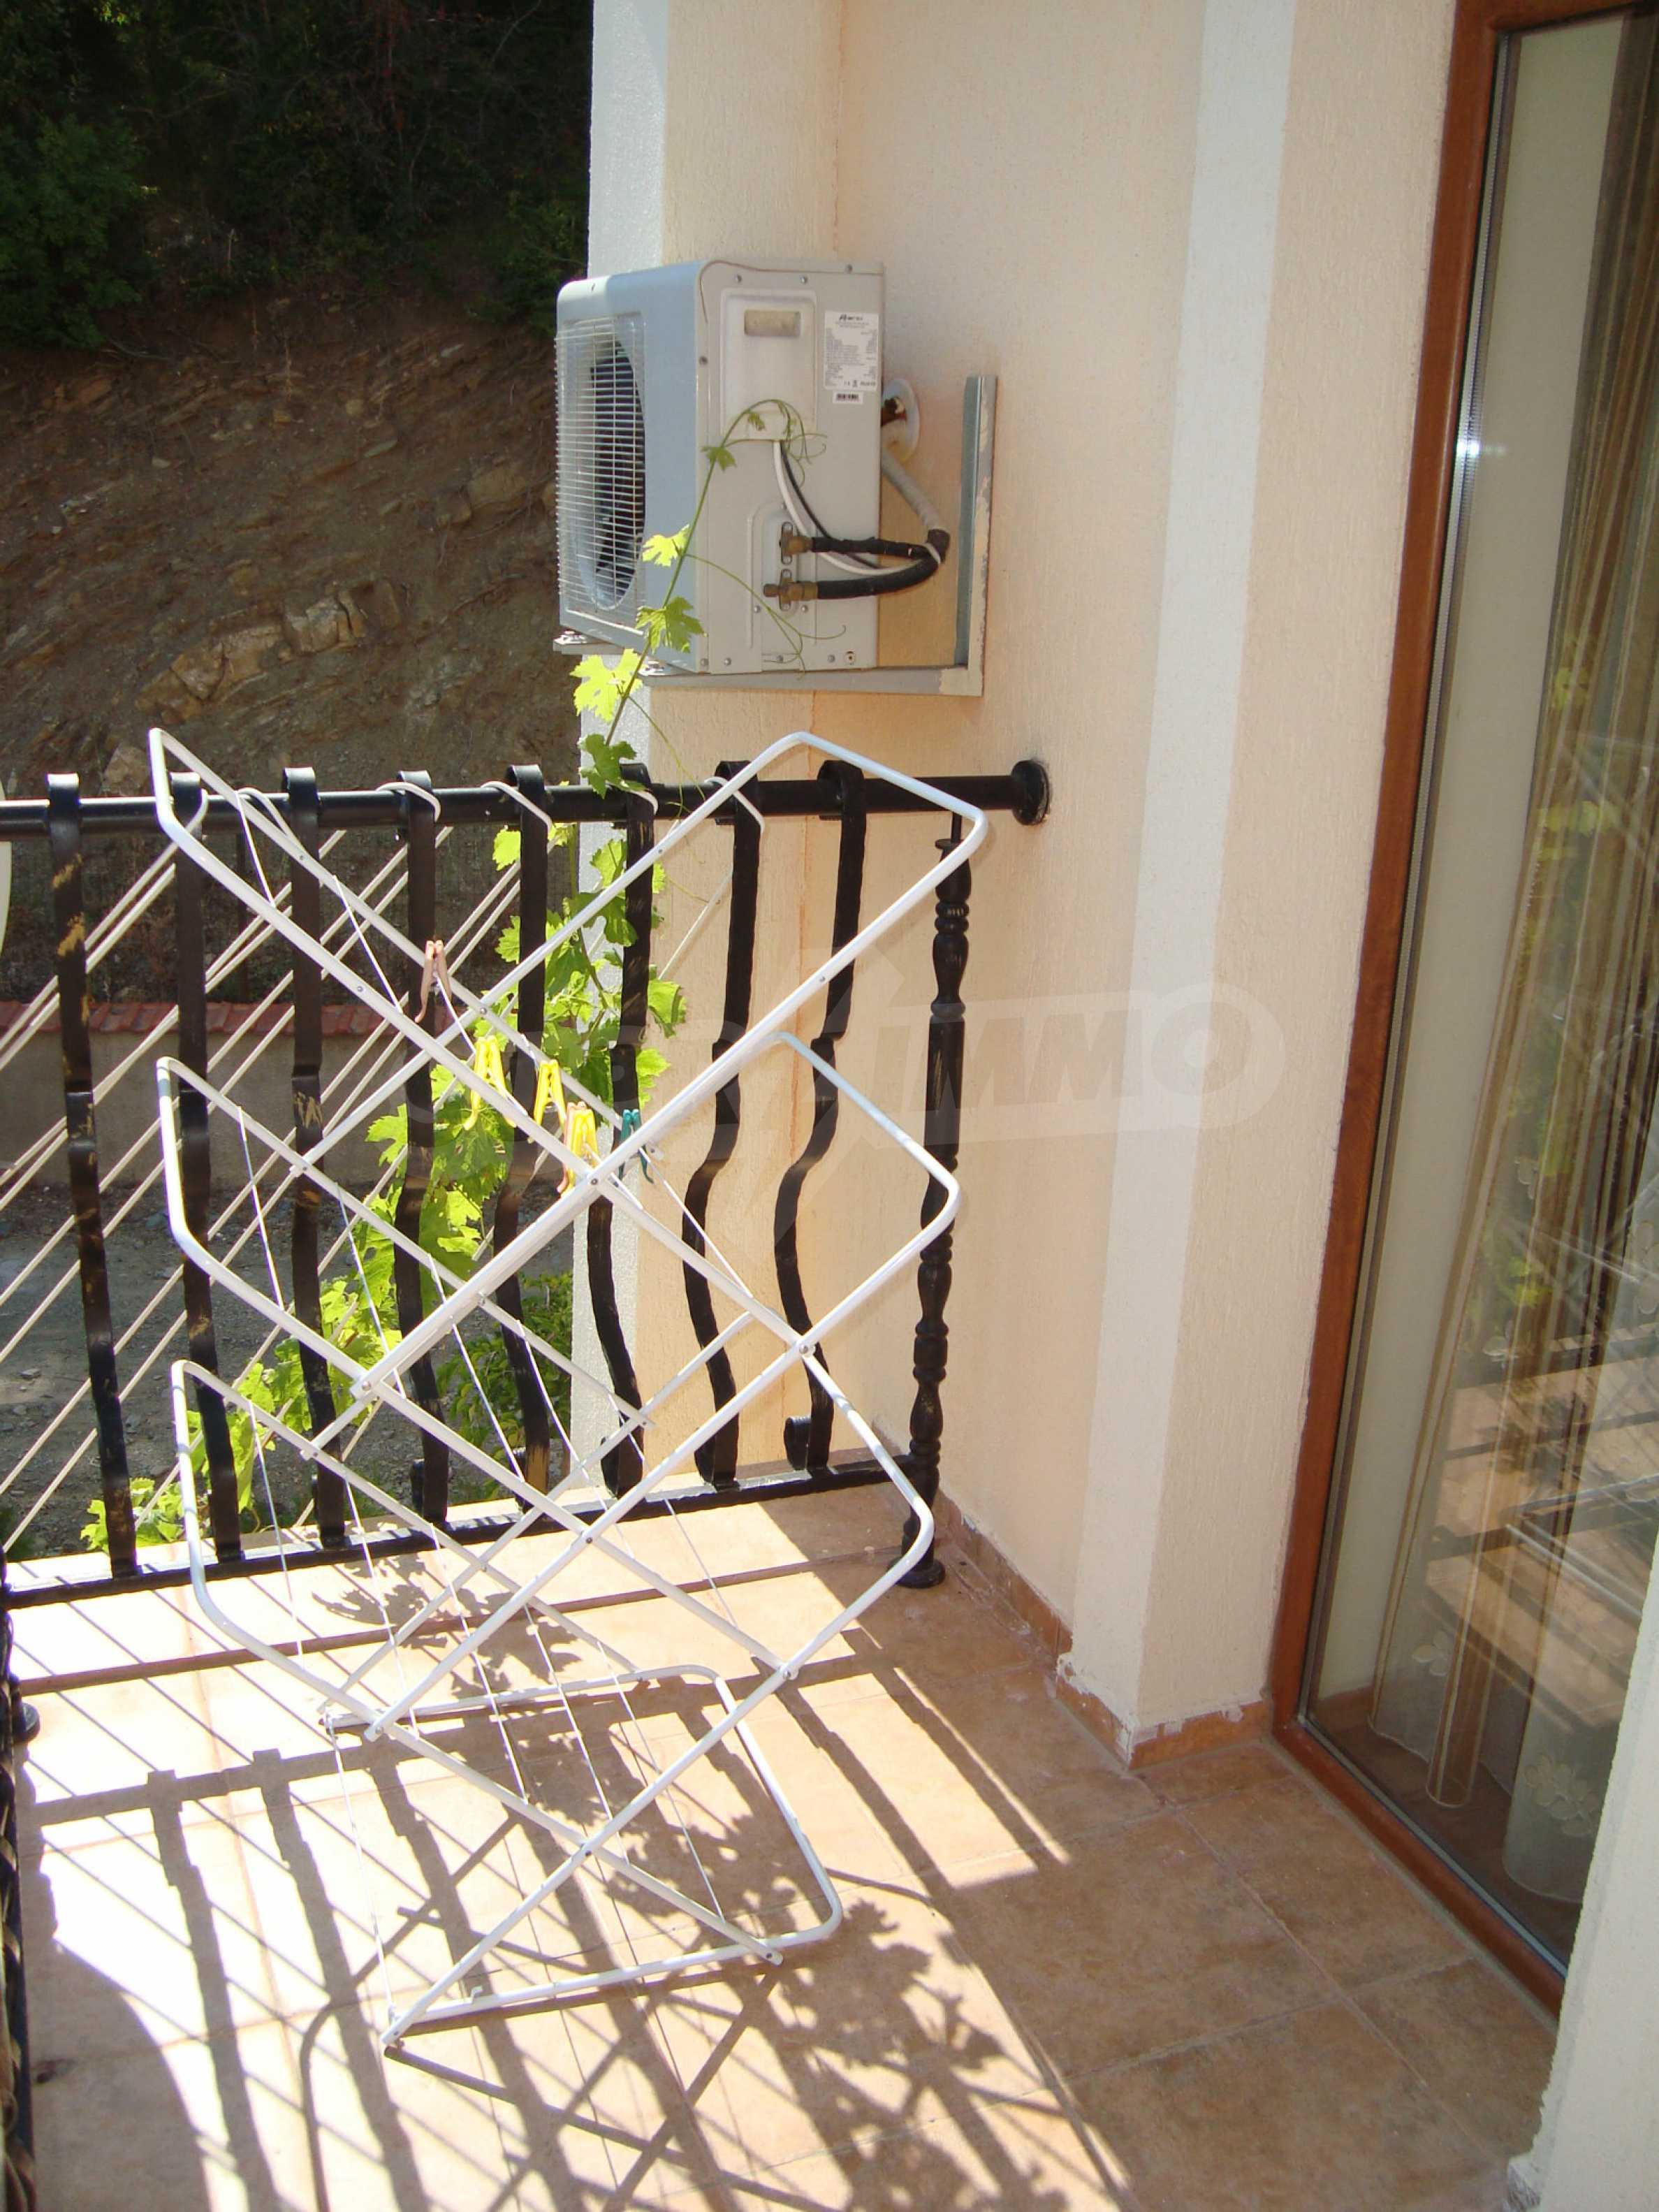 2-stöckige Villa zum Verkauf in Elenite Feriendorf, 33